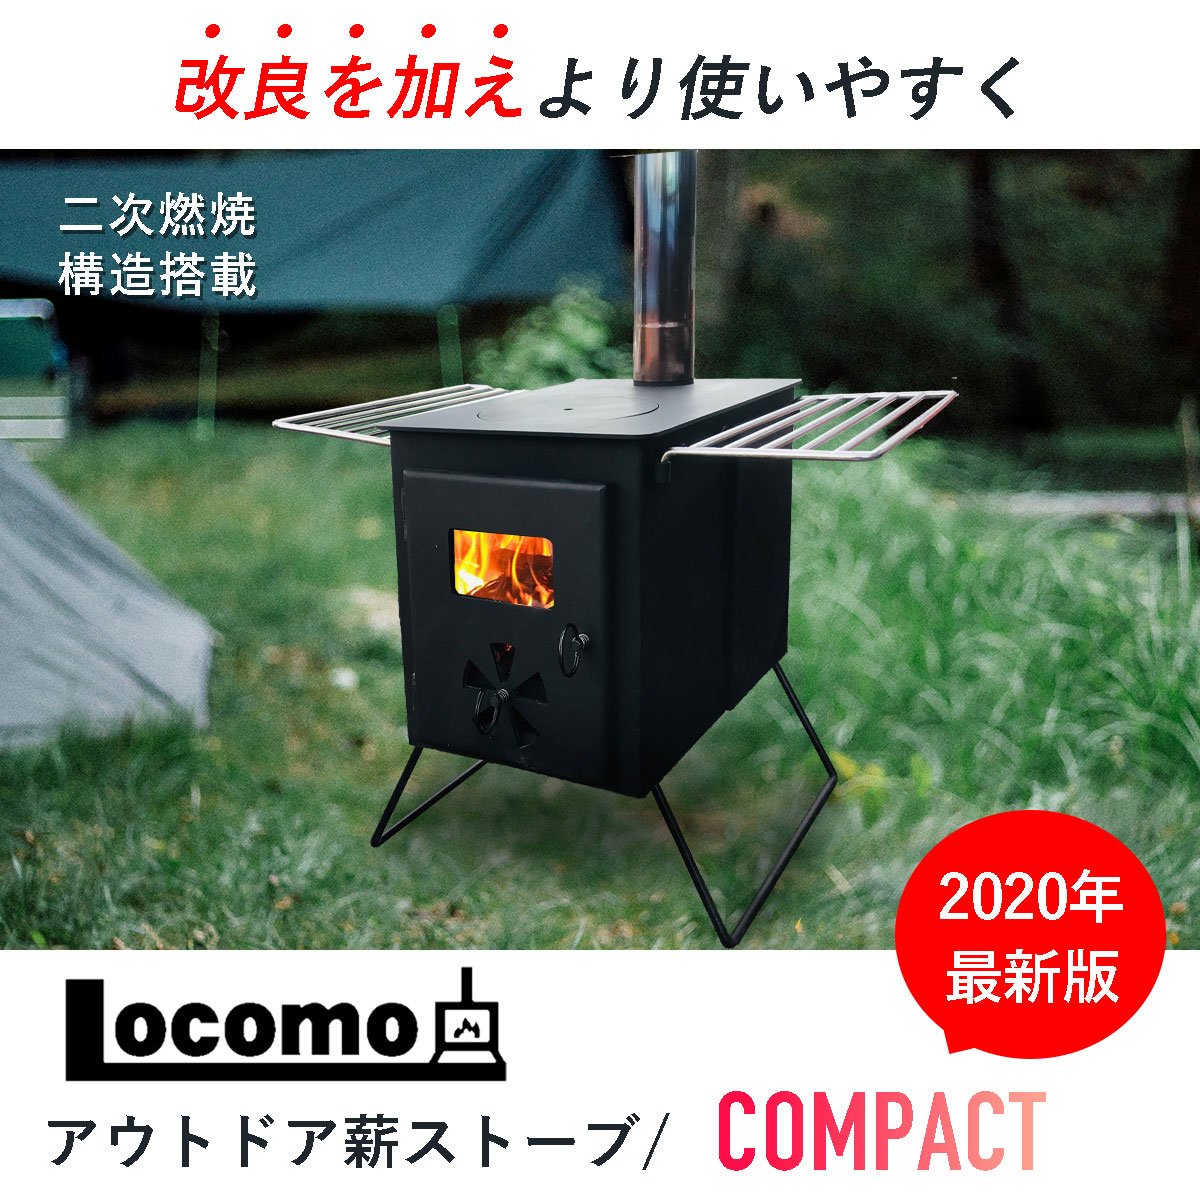 【1月中〜下旬頃発送予定!!】Locomo(ロコモ)アウトドア薪ストーブ/COMPACT